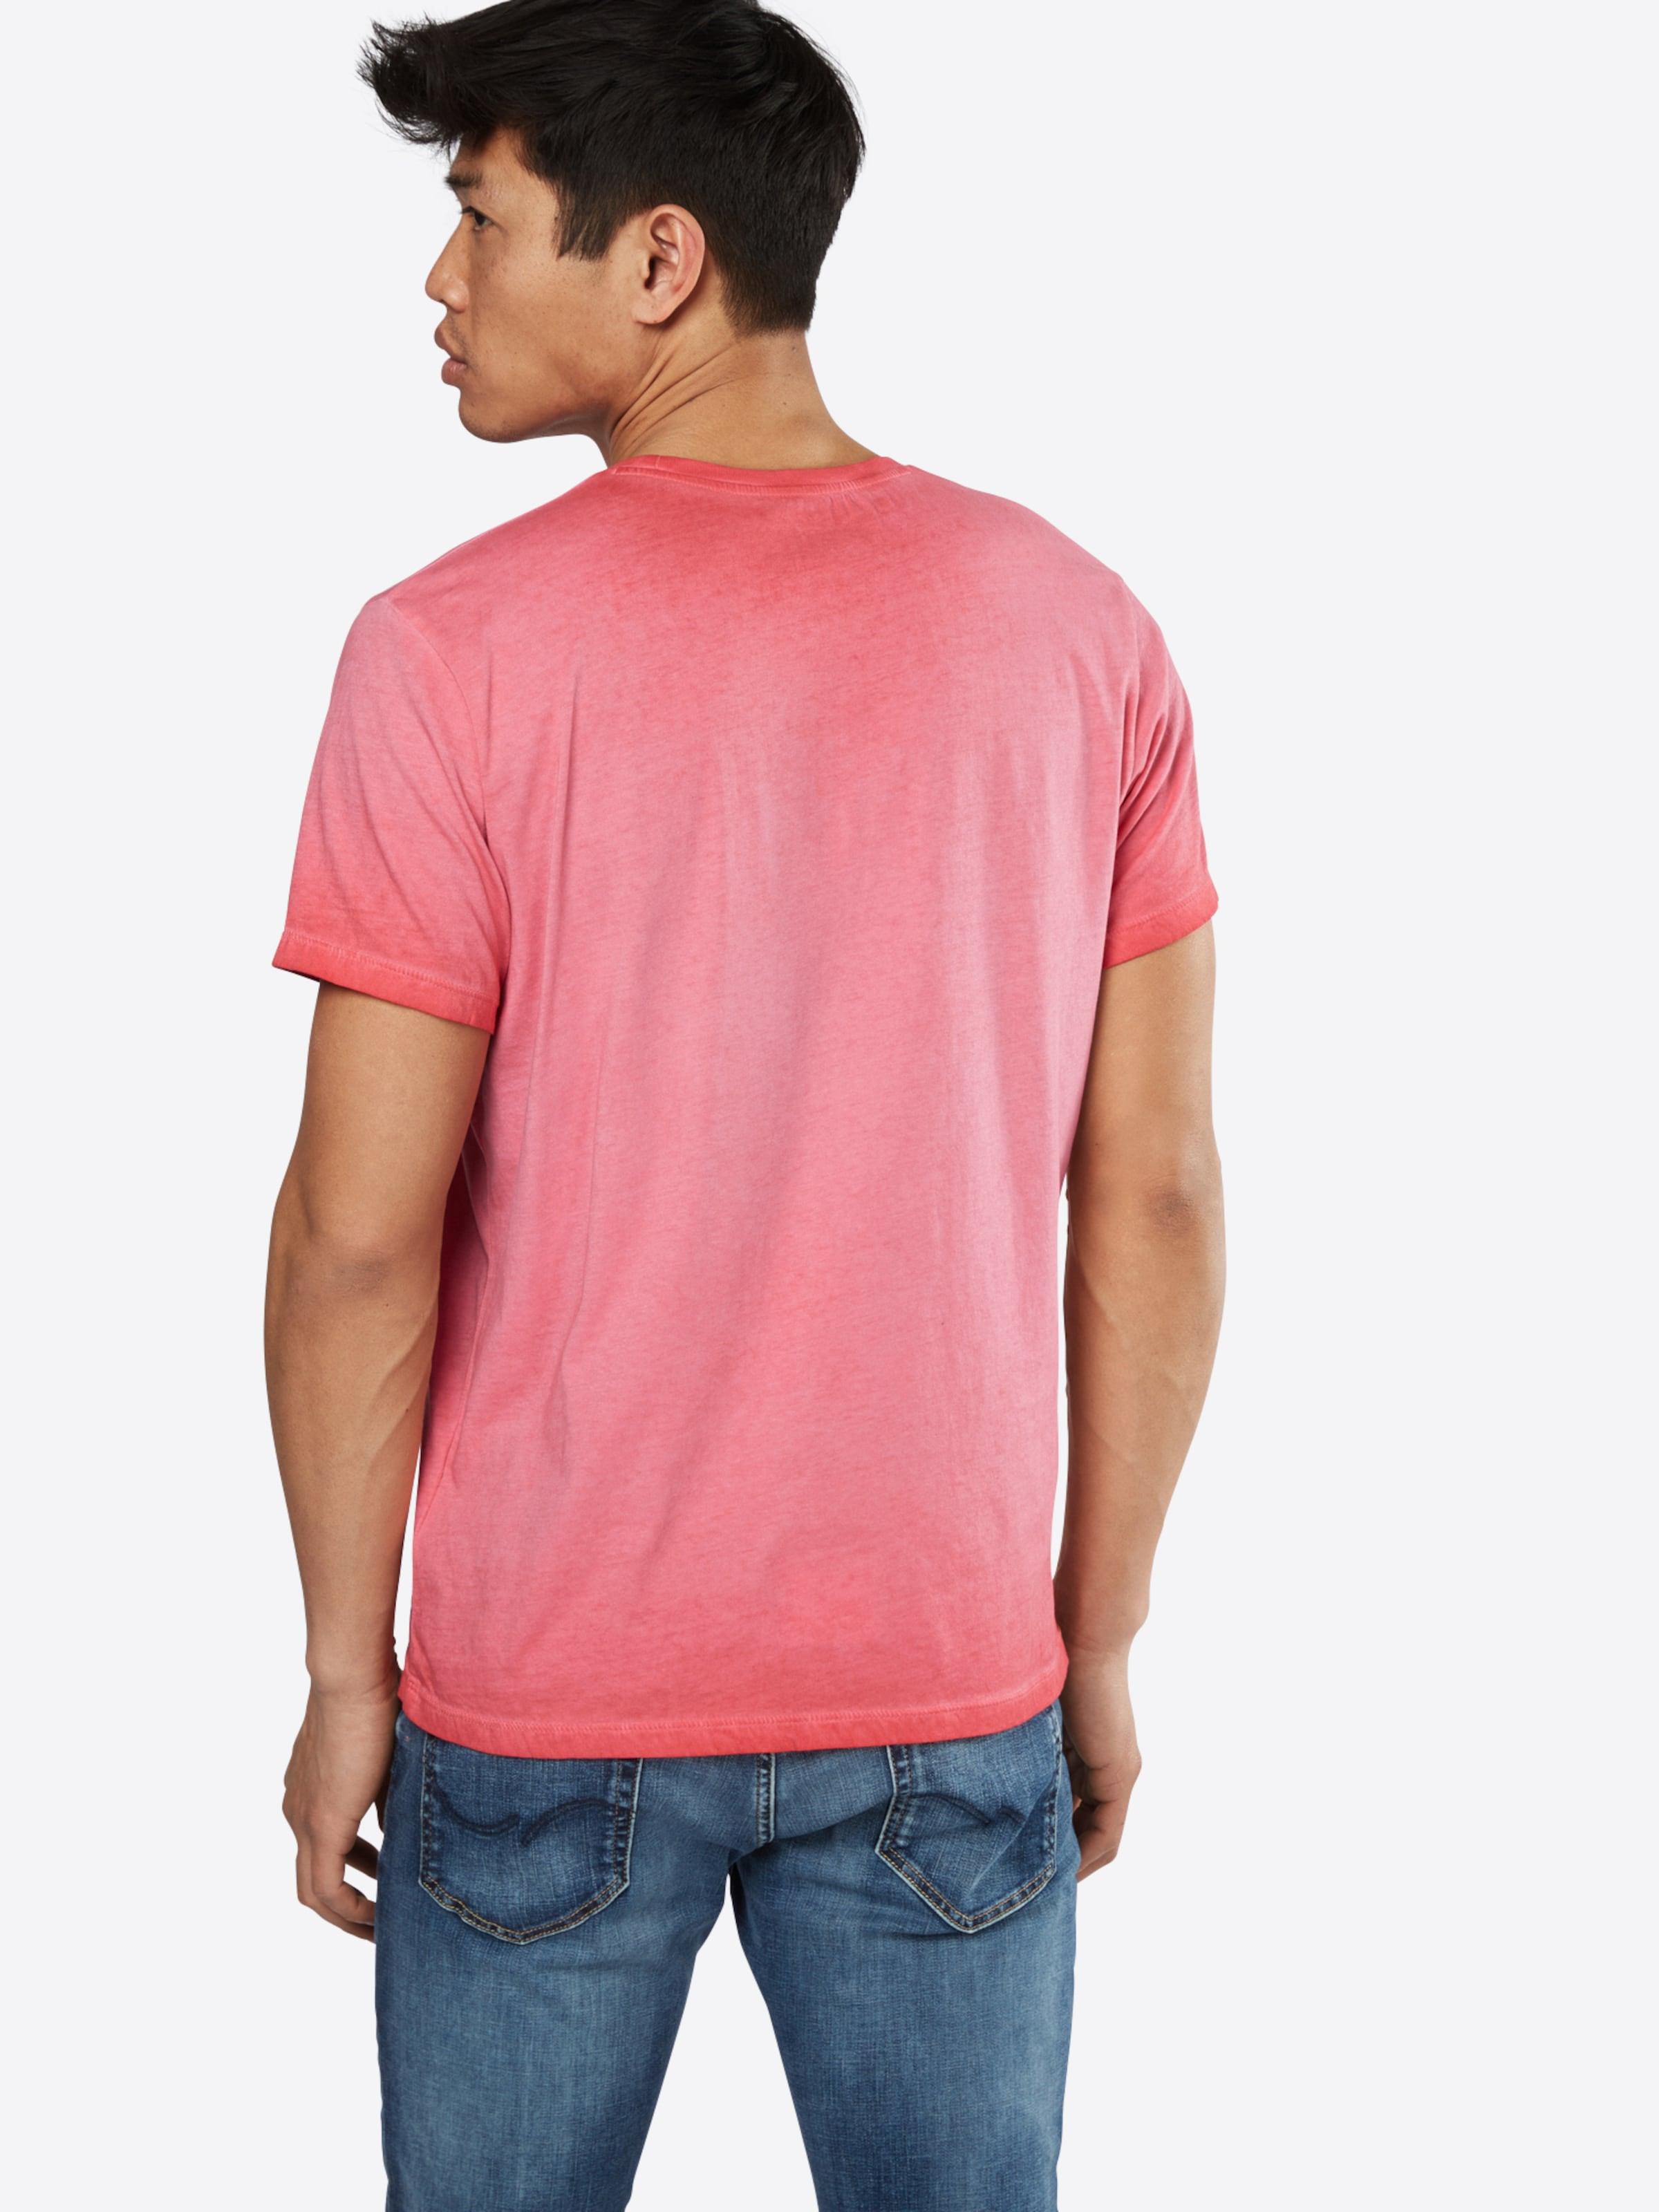 Pepe Jeans T-Shirt 'WEST SIR' Verkauf Beste Geschäft Zu Erhalten YTxyyhuE2f